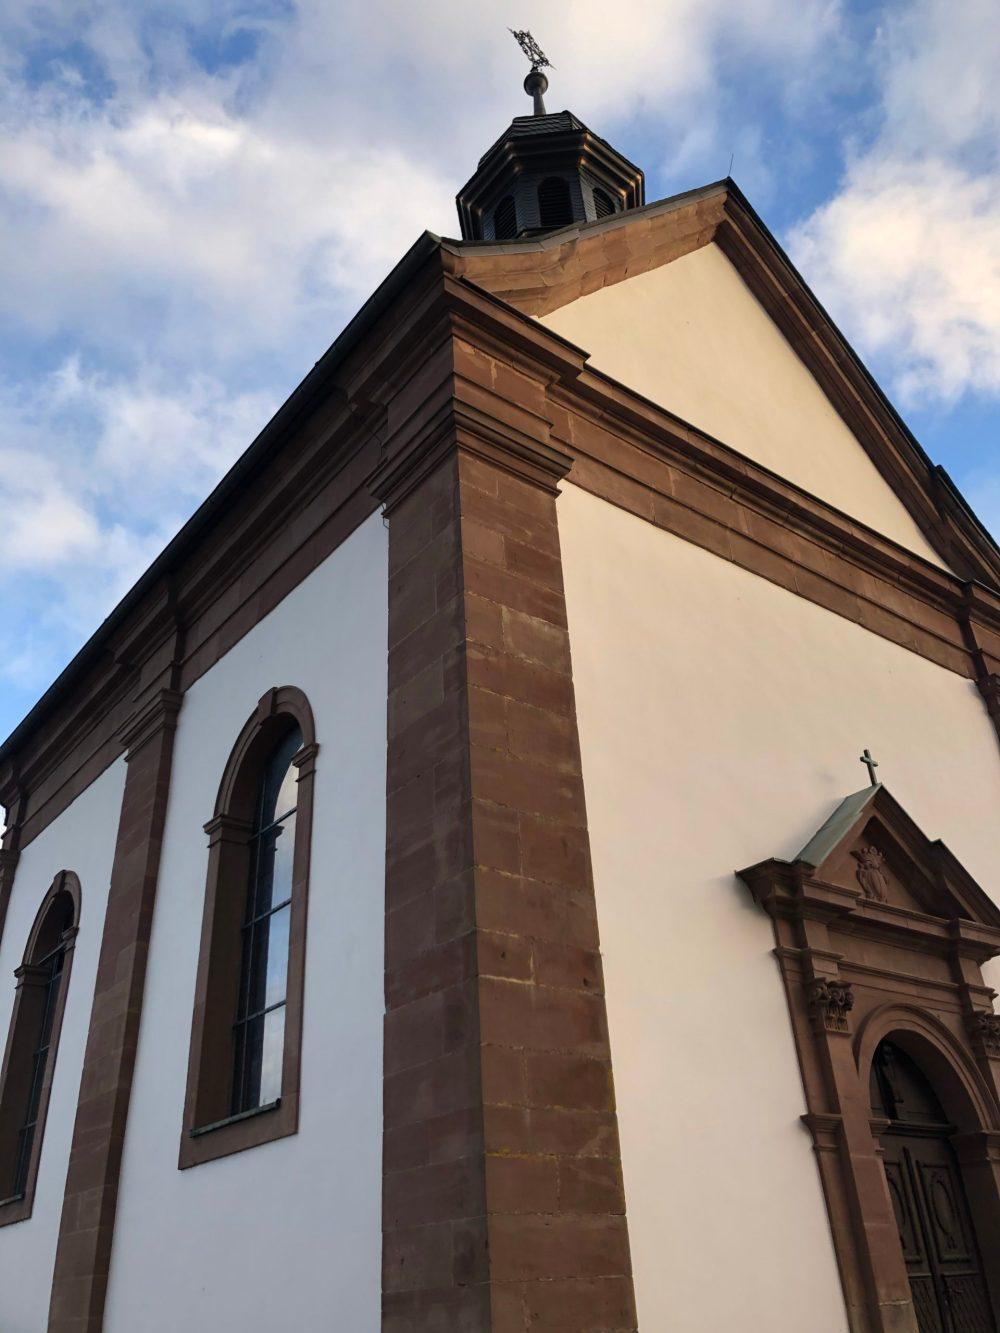 Heilig-Kreuz-Kapelle des Wallfahrtsklosters in Blieskastel